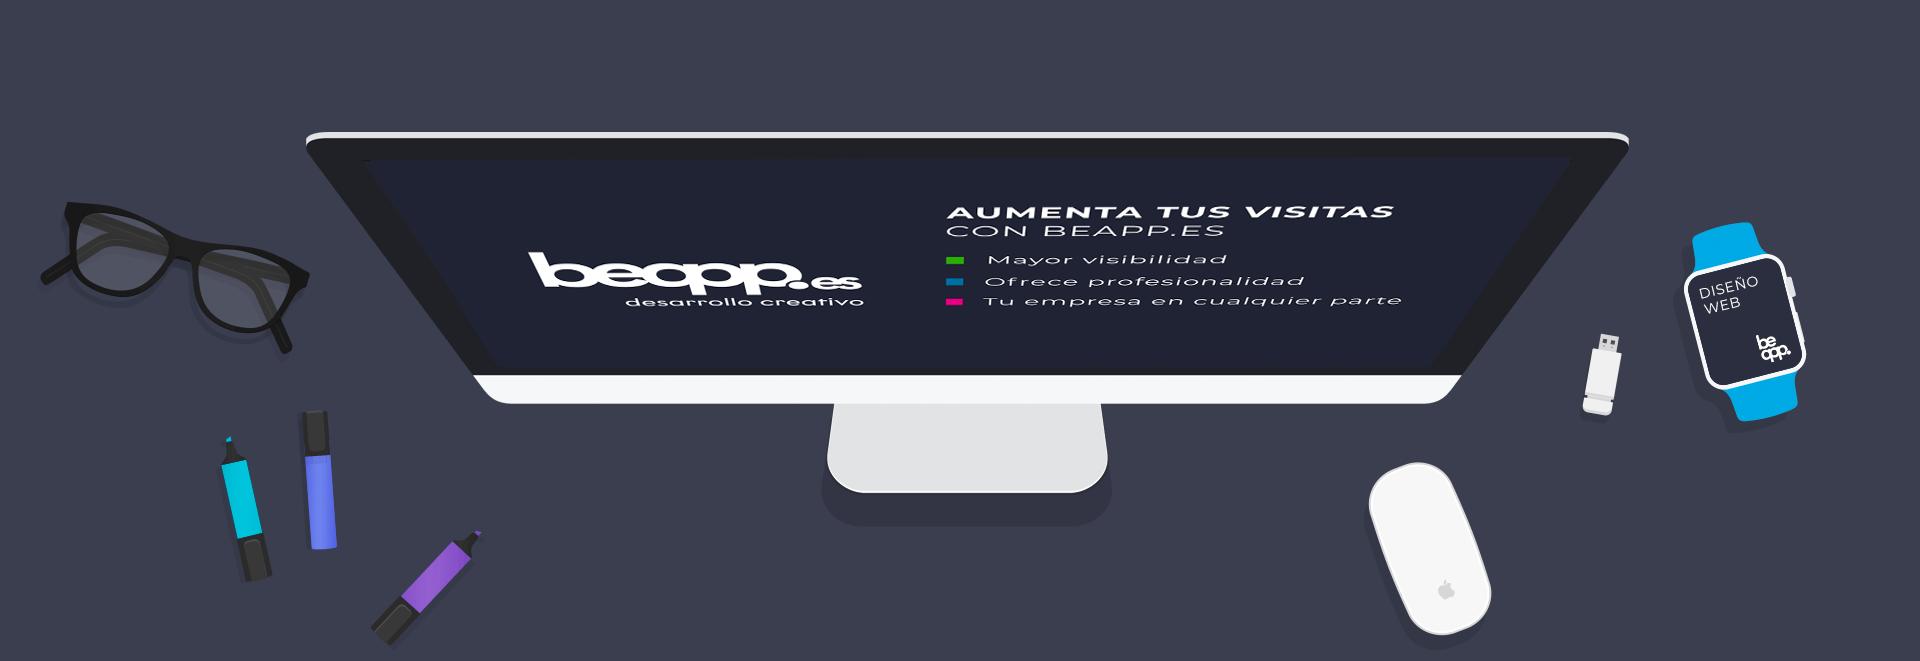 Páginas Web Burgos